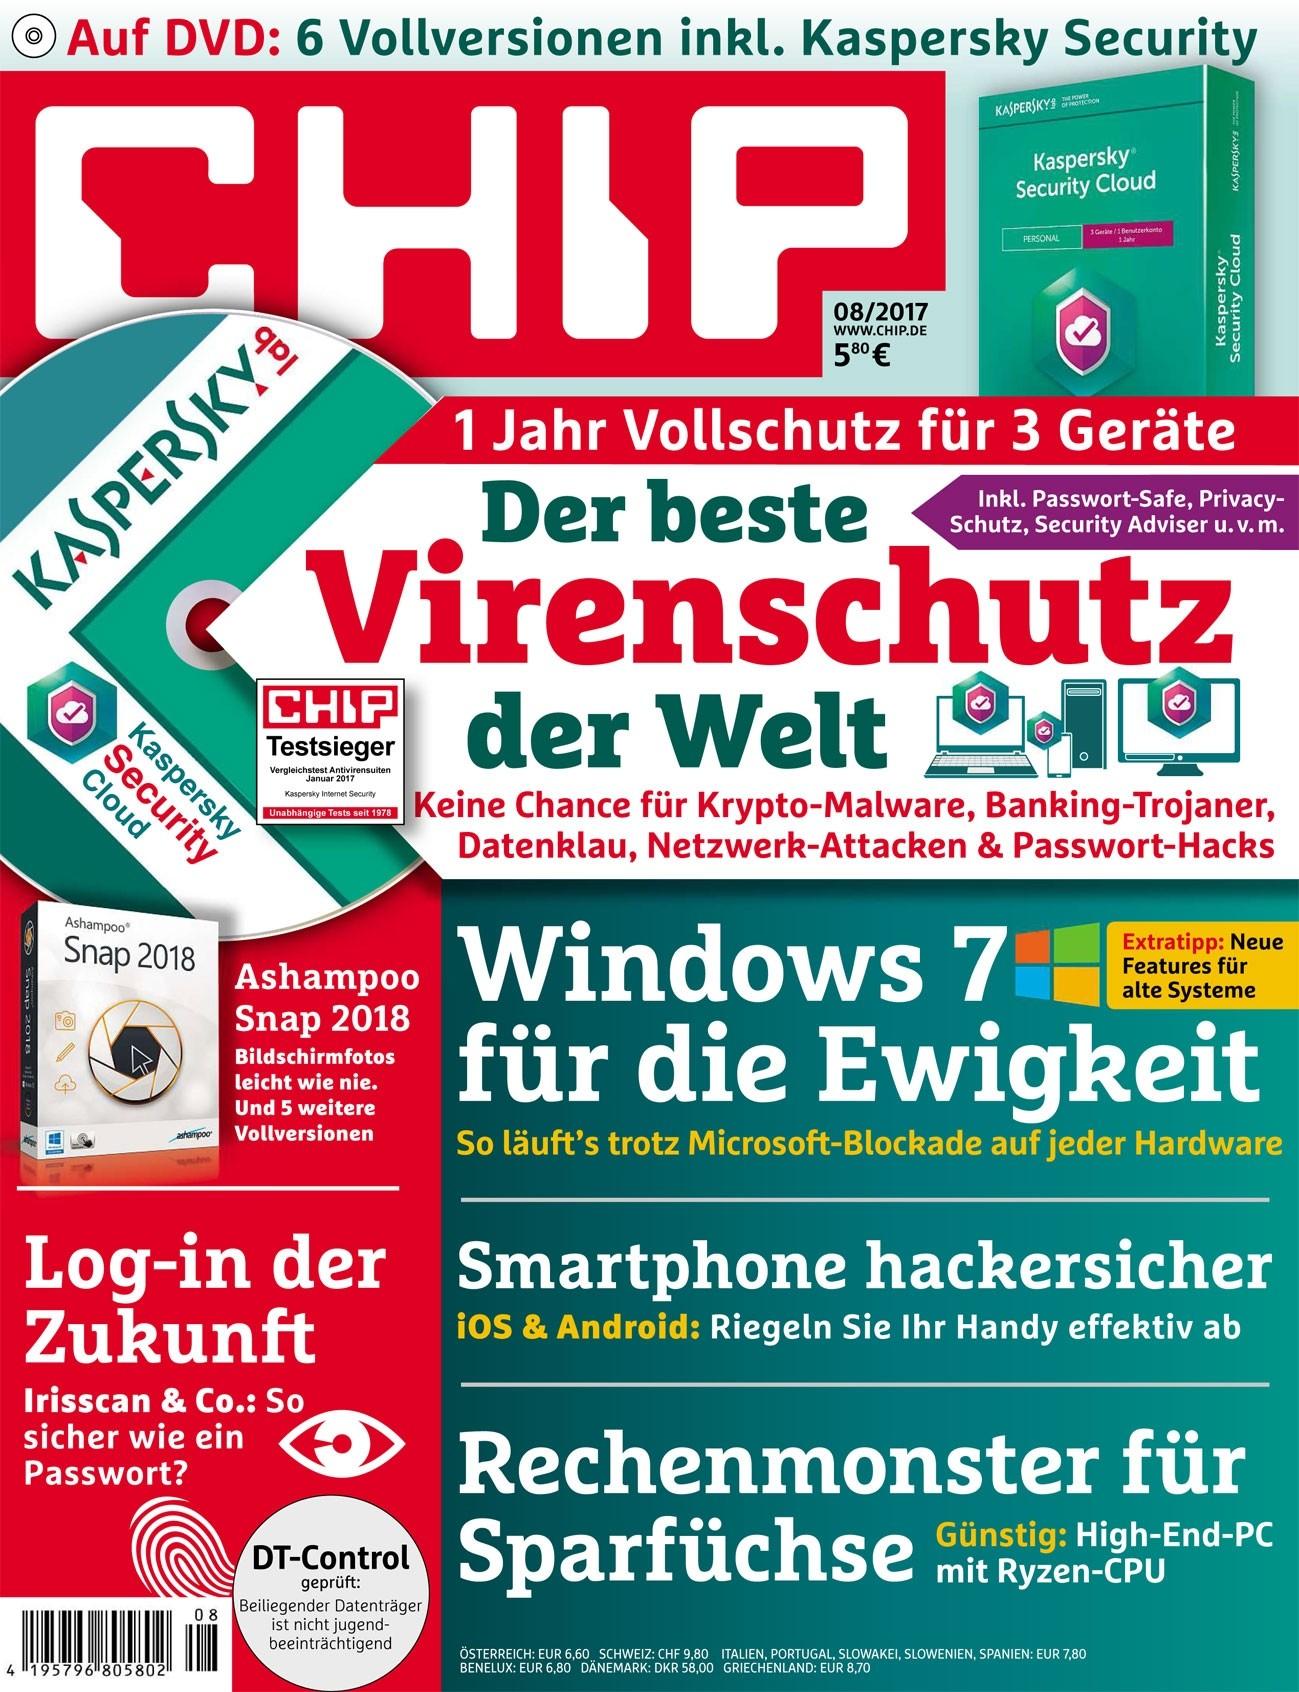 [CHIP Verlagsangebot] 3 Ausgaben Chip inkl. DVD für 11,90€ mit 10€ Tankbon Gutschein